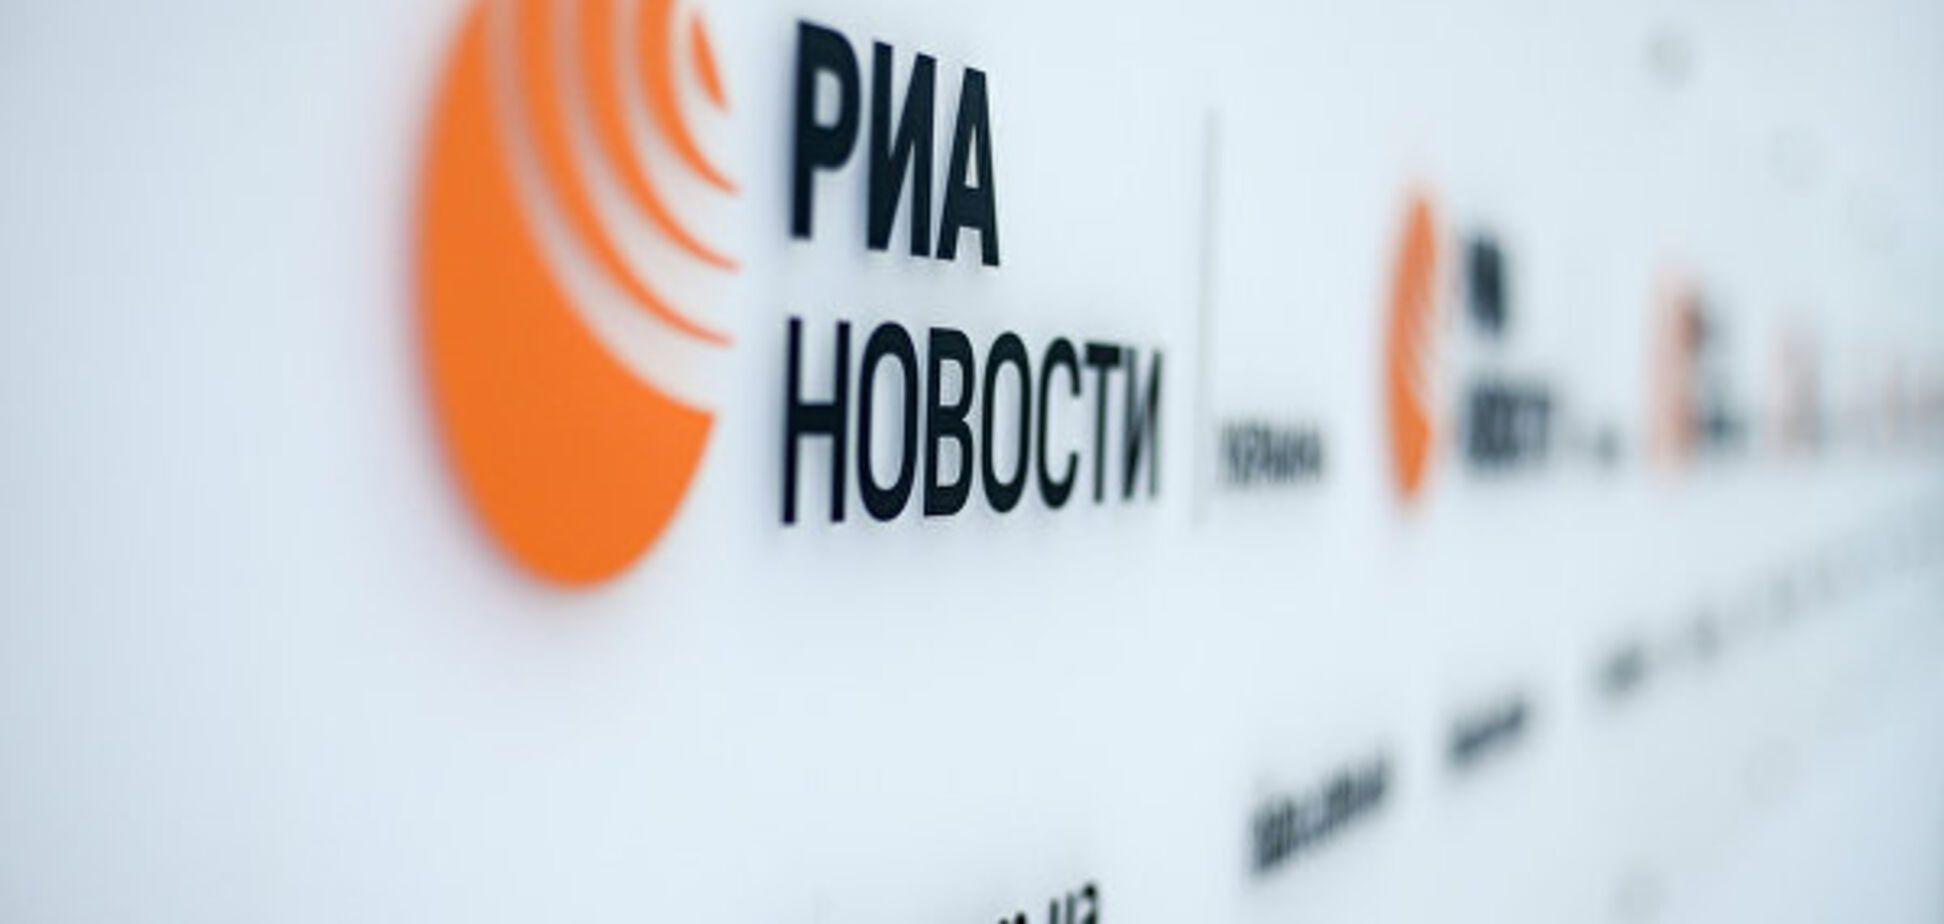 Скандал с 'РИА Новости Украина': стало известно об обысках у еще одного пропагандиста